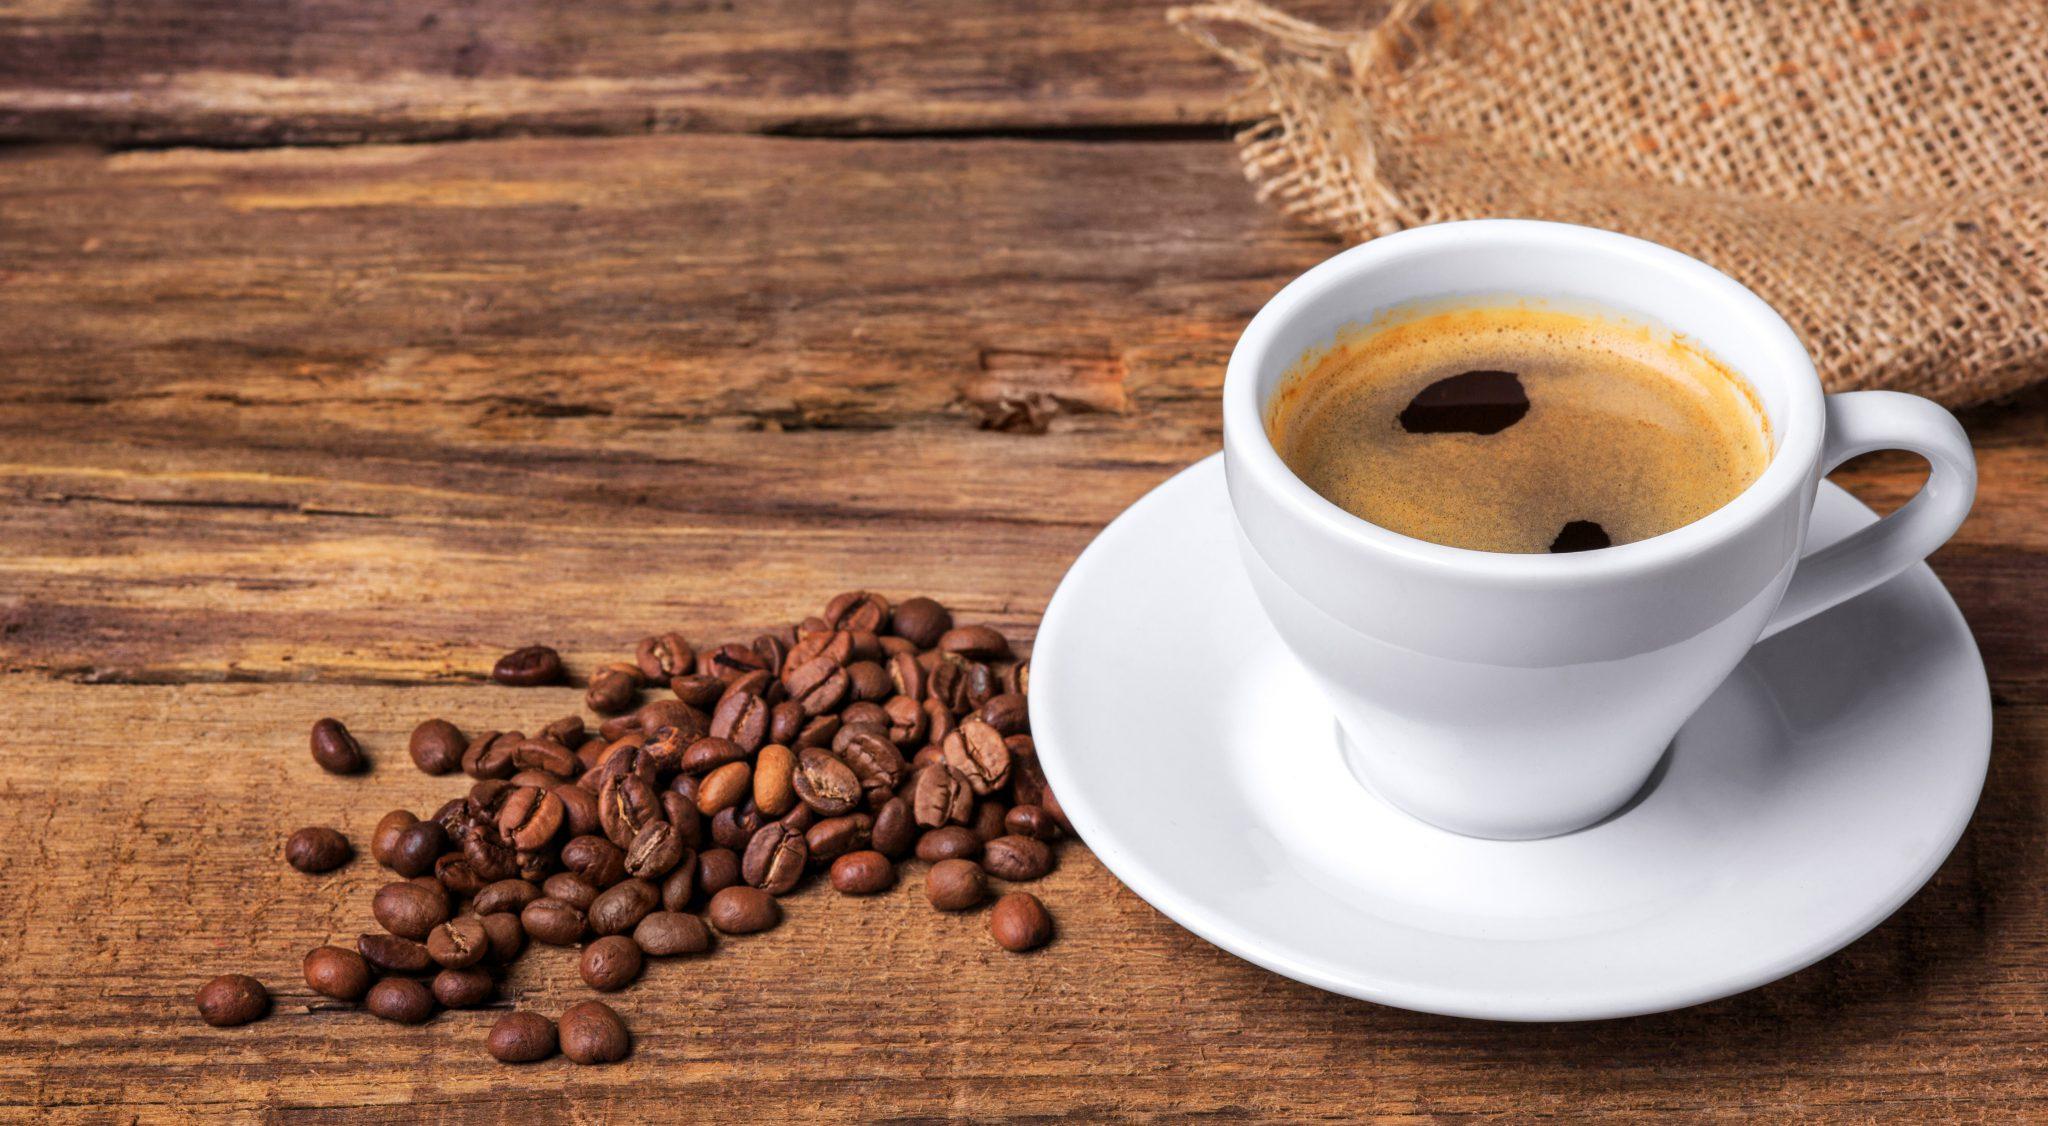 Dolgotrajno uživanje večjih količin kave je tveganje za kardiovaskularna obolenja